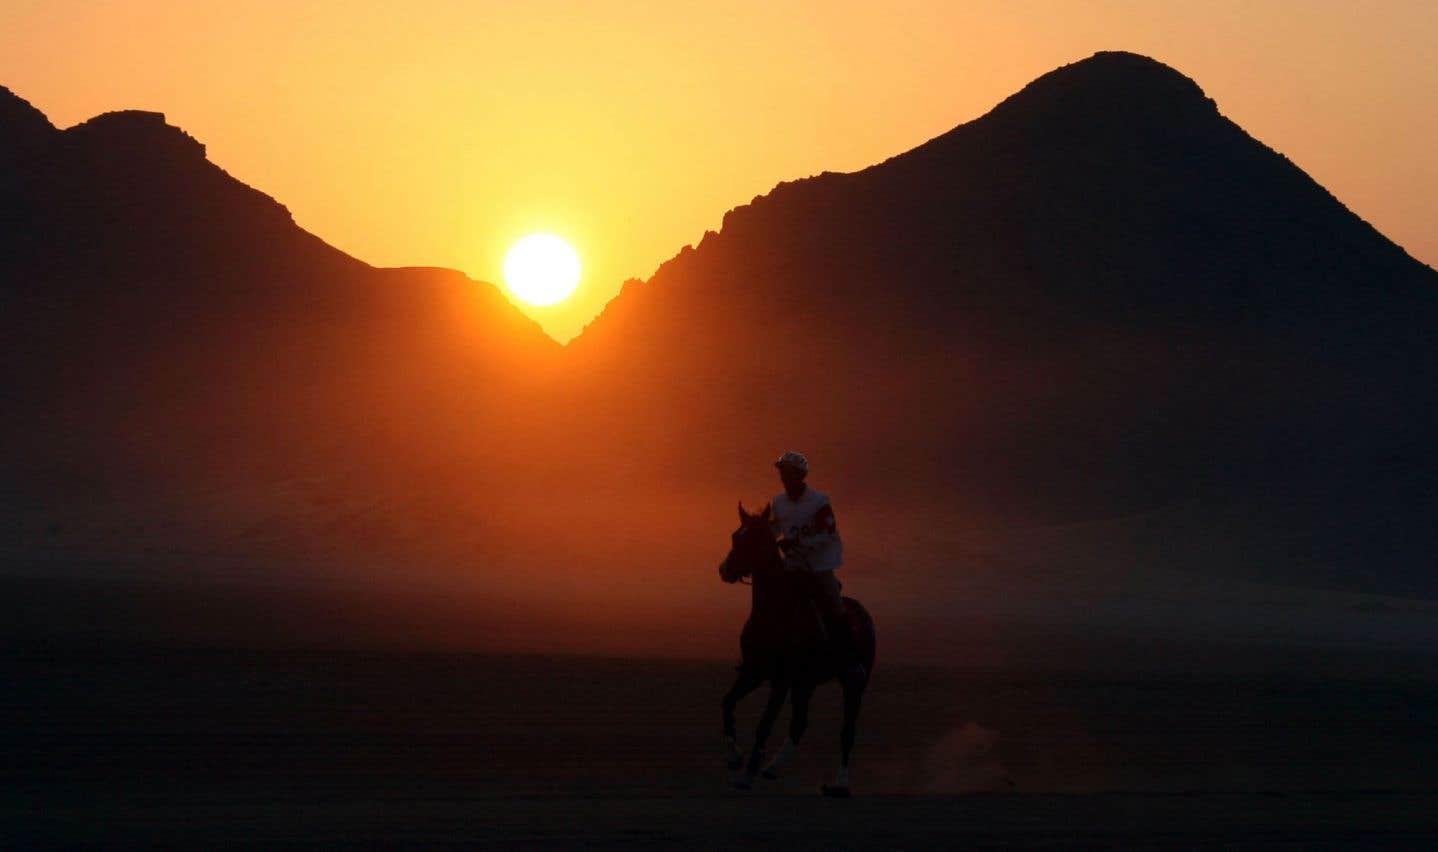 Alors que l'ultraviolence de «La famille Winter» évoque les westerns crépusculaires de Sam Peckinpah, par endroits, le roman renvoie au western spaghetti revisité par Tarantino.